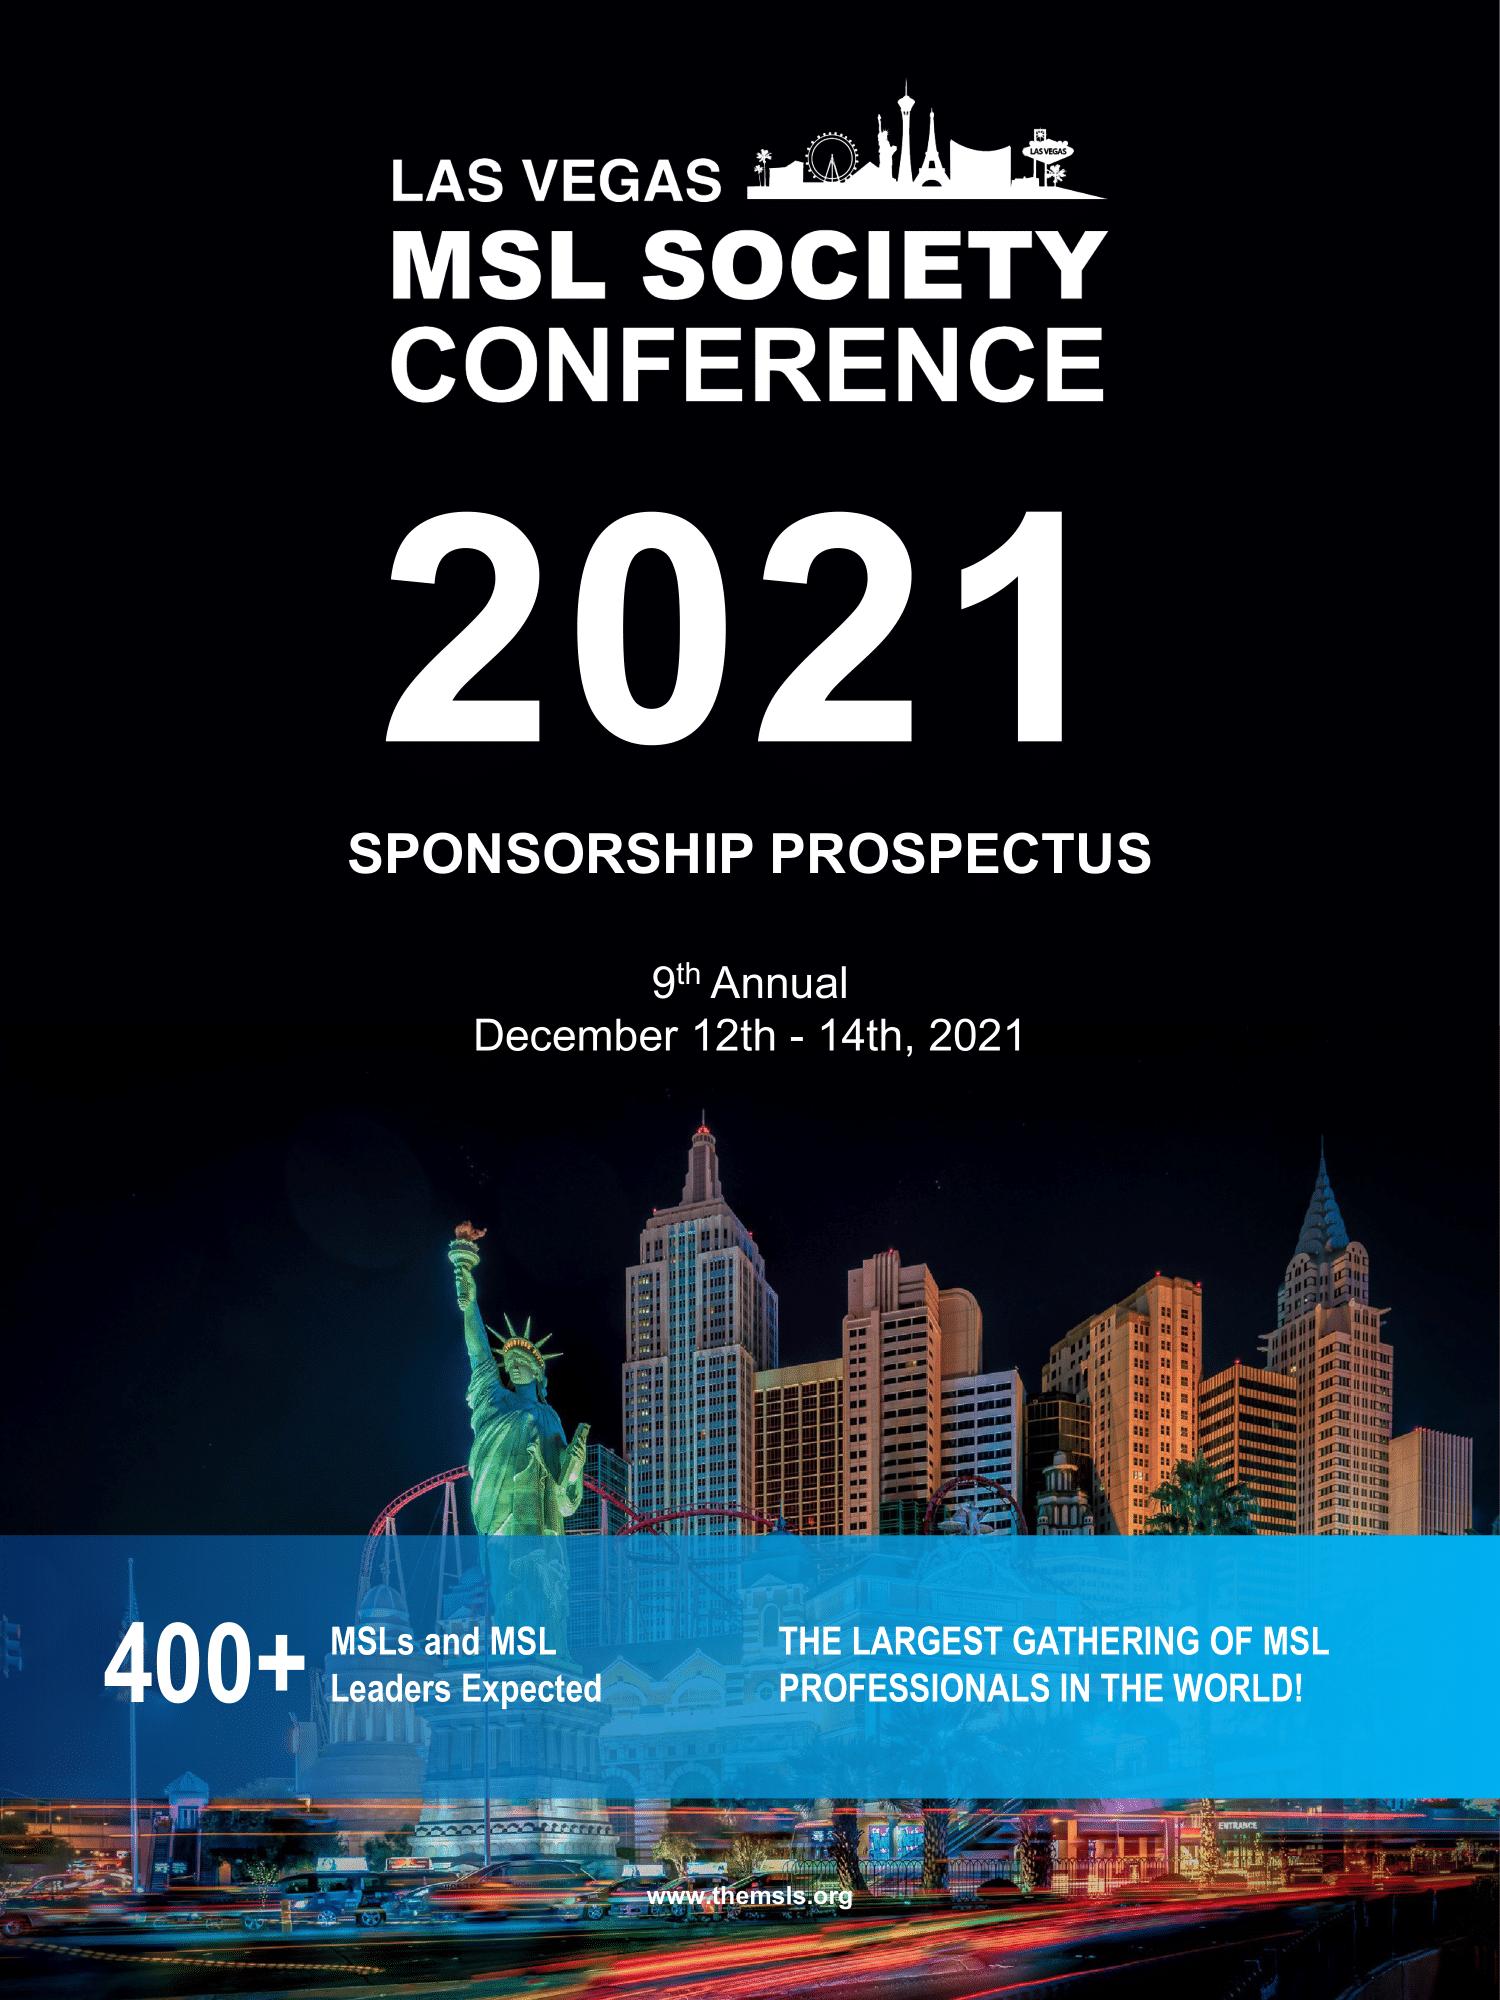 9th Annual MSL Society Conference 2021 in Las Vegas - Sponsorship Prospectus